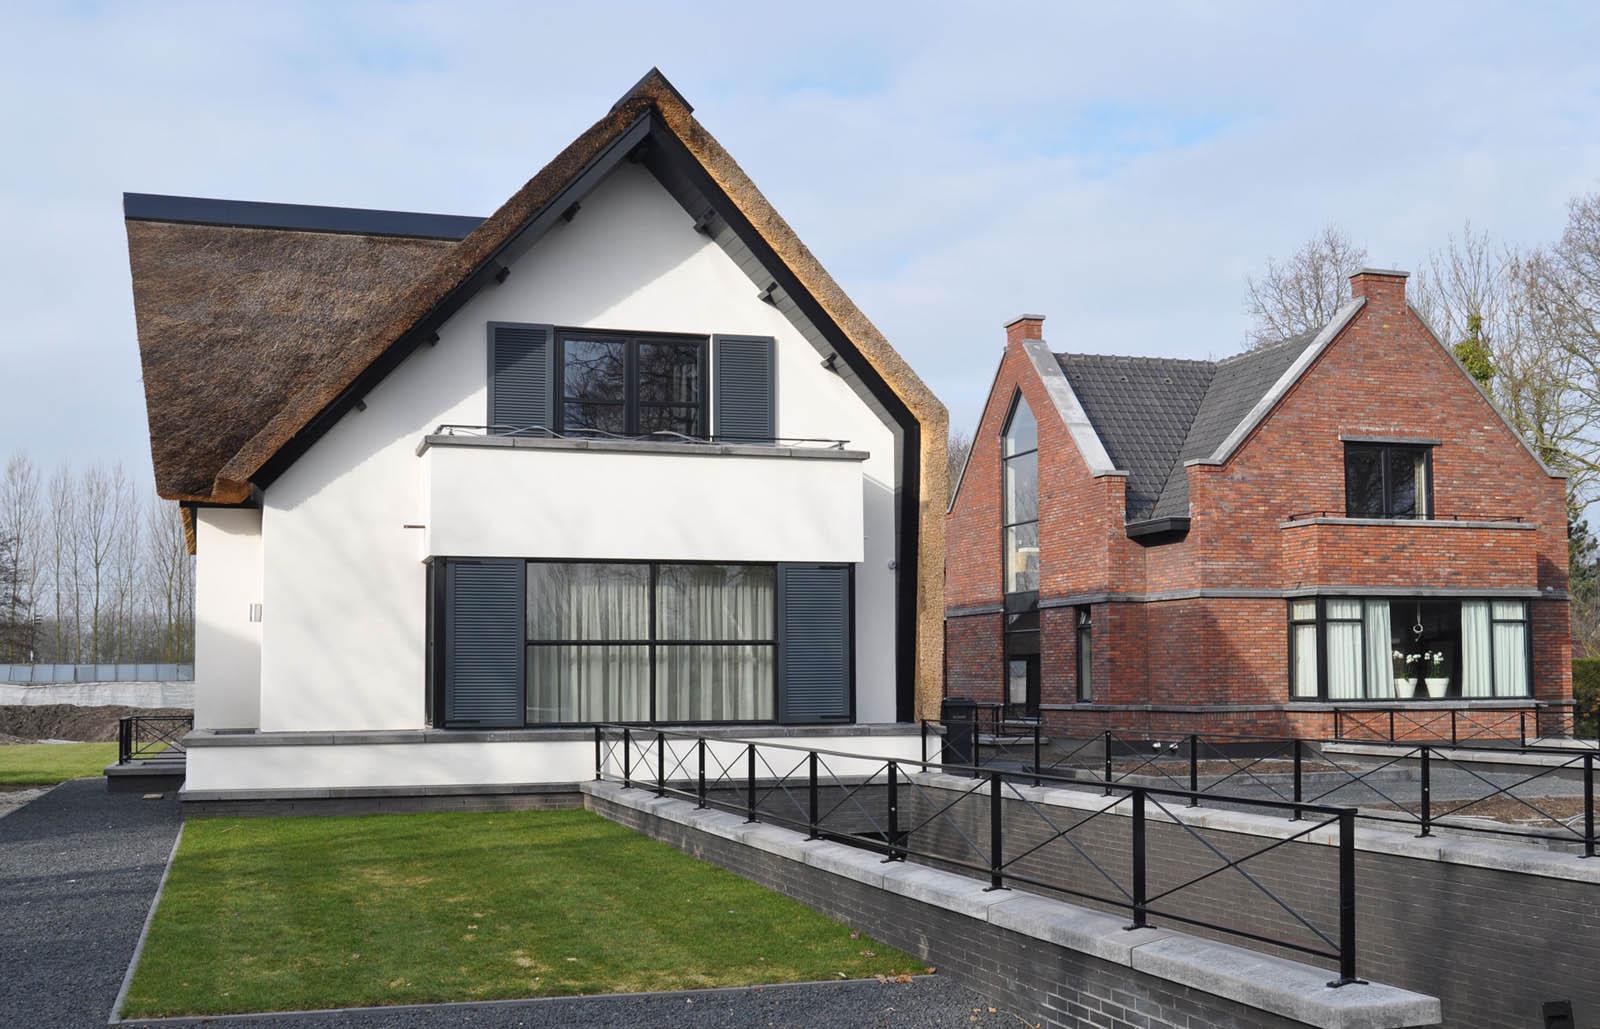 Two, Villa heiloo by Jeroen de Nijs